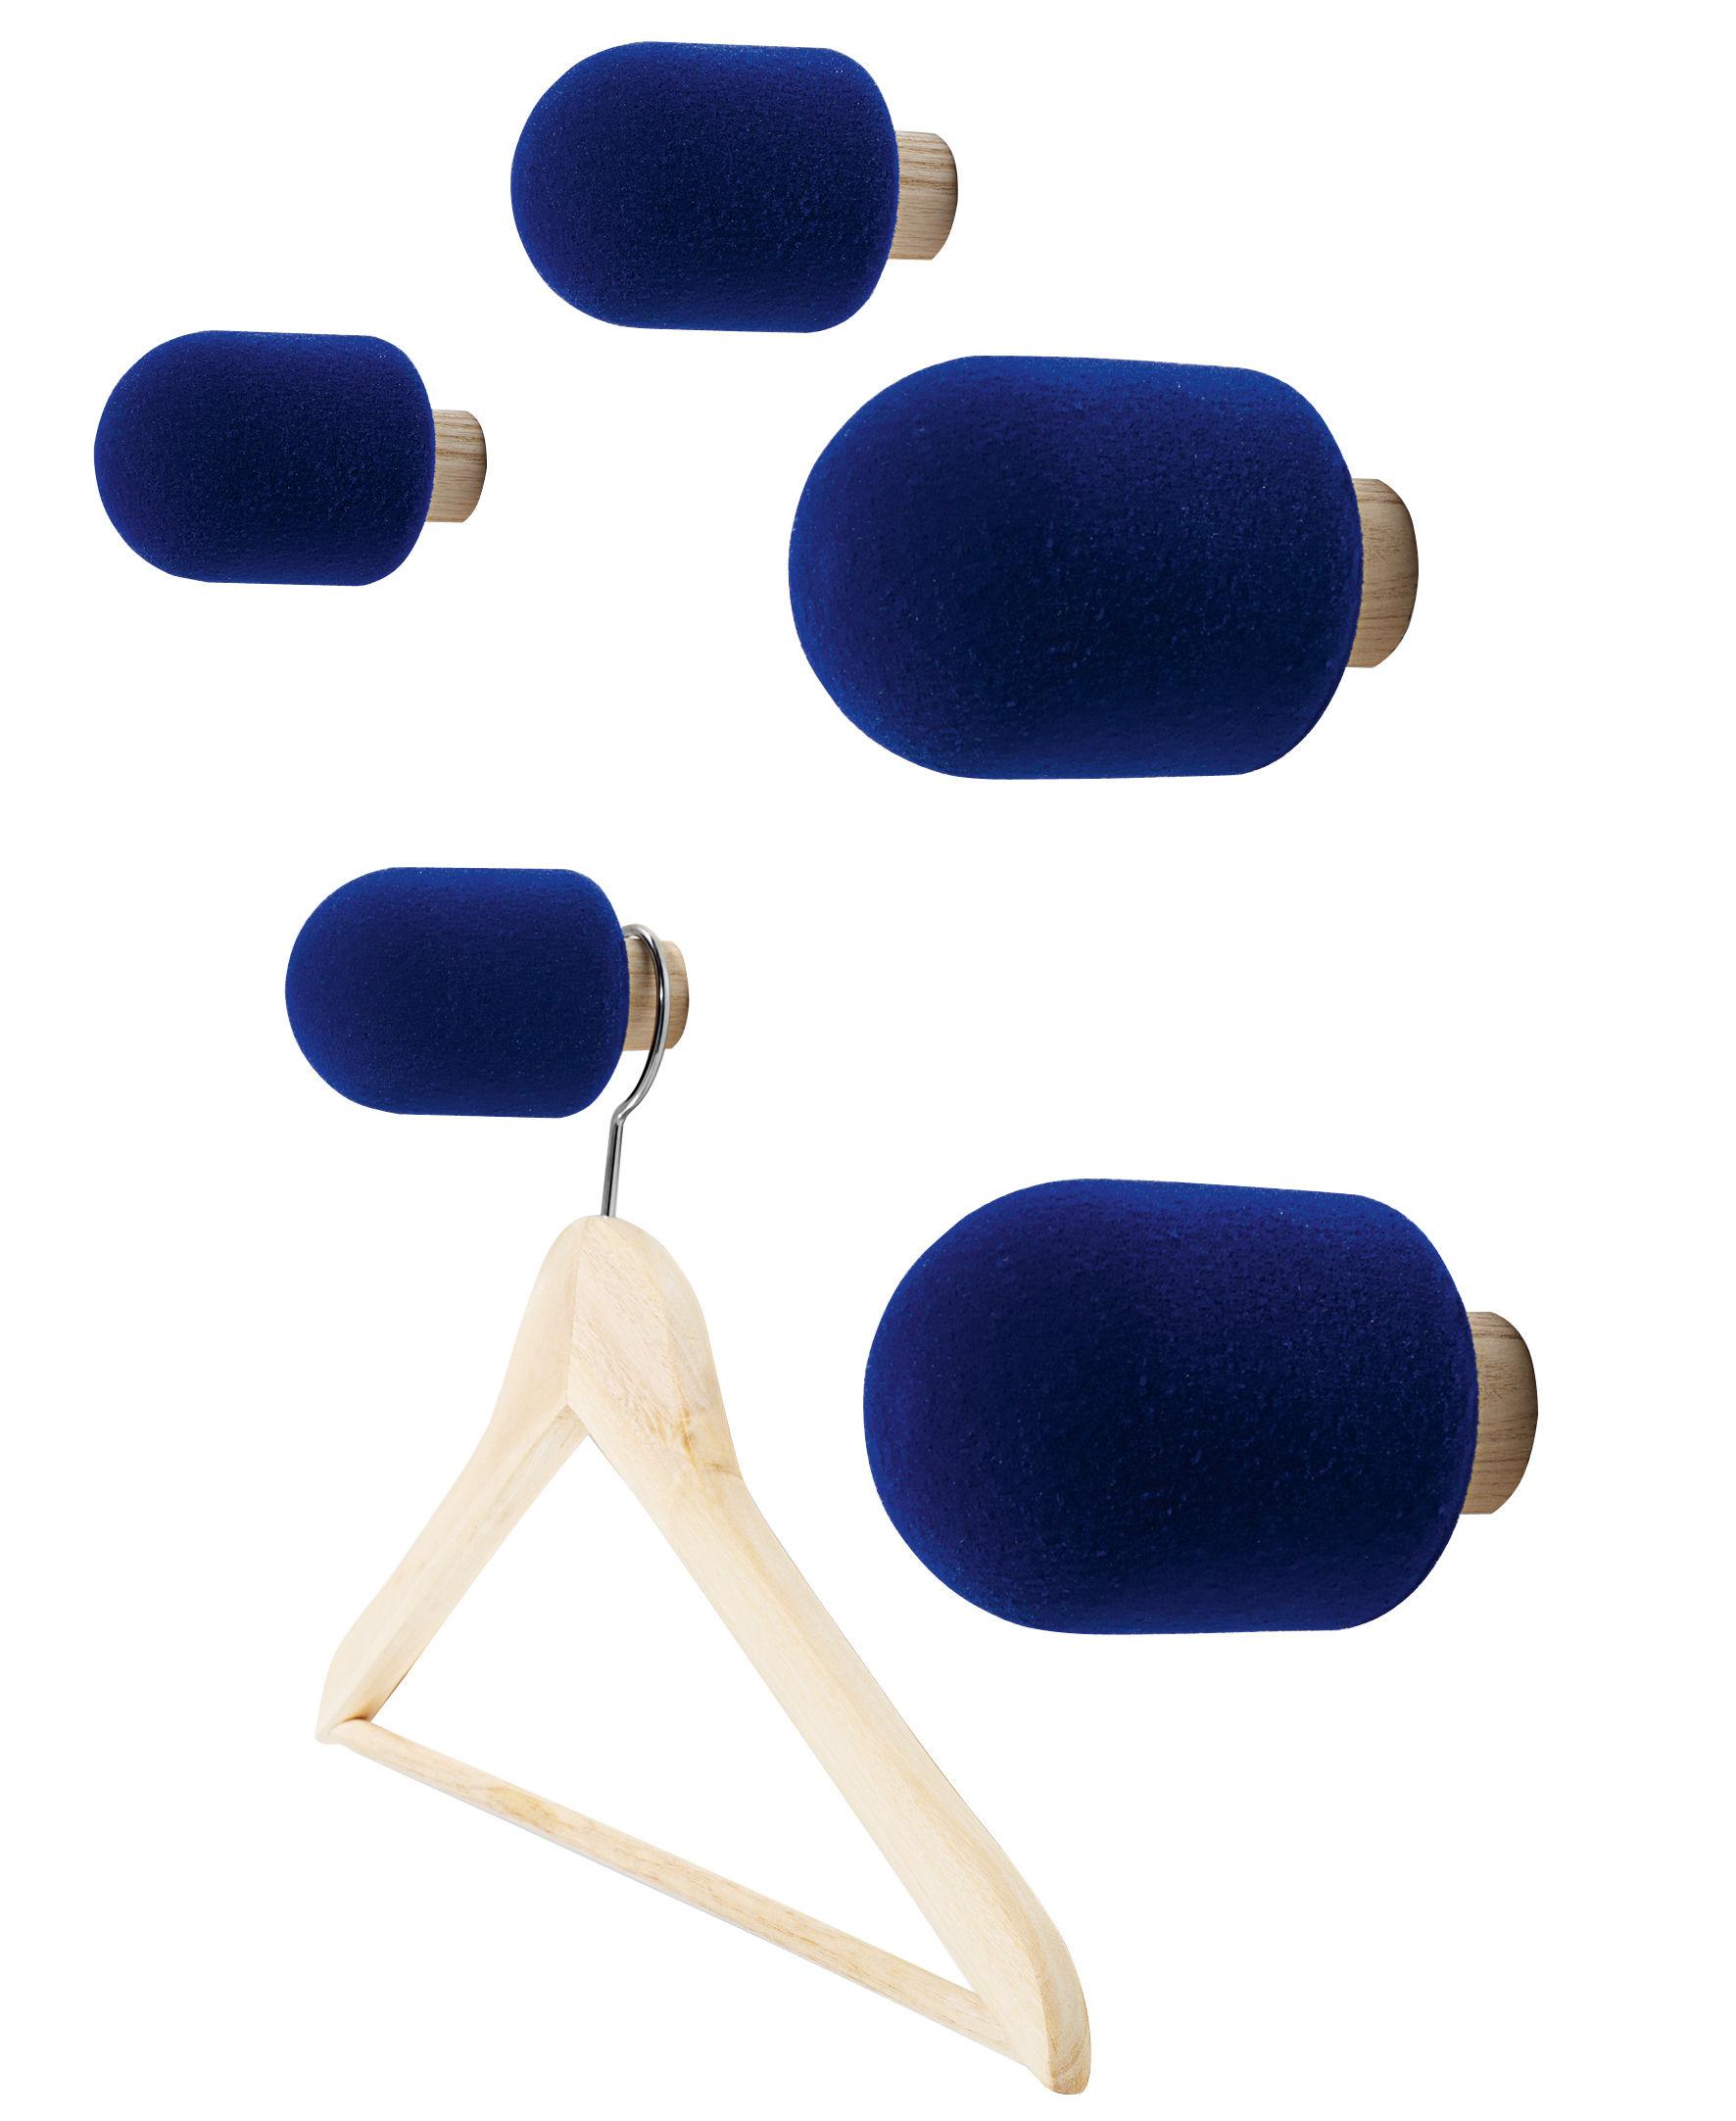 Arredamento - Appendiabiti  - Appendiabiti Micro - Set di 5 di Moustache - Blu - Espanso floccato, Frassino